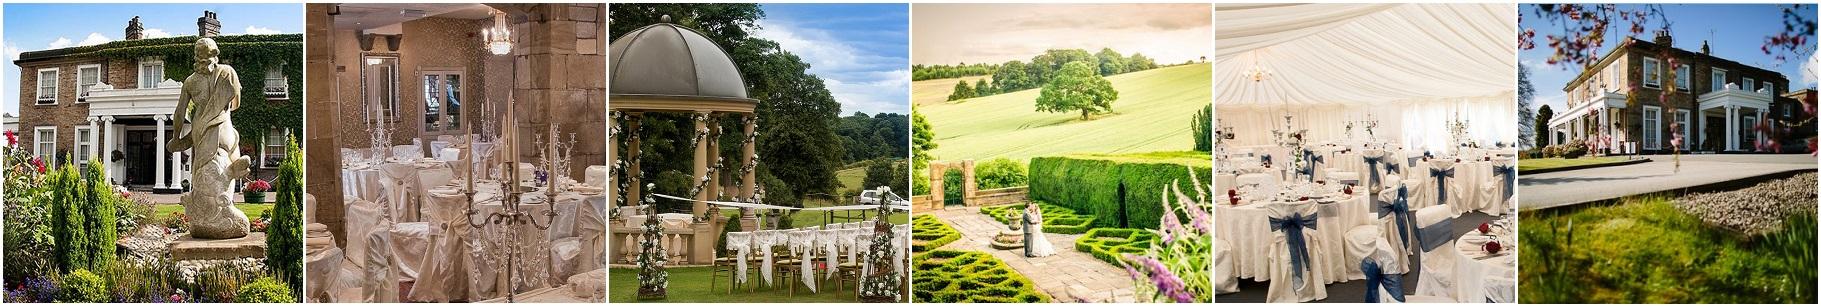 Ringwood Hall Photos- Derbyshire Wedding Venues